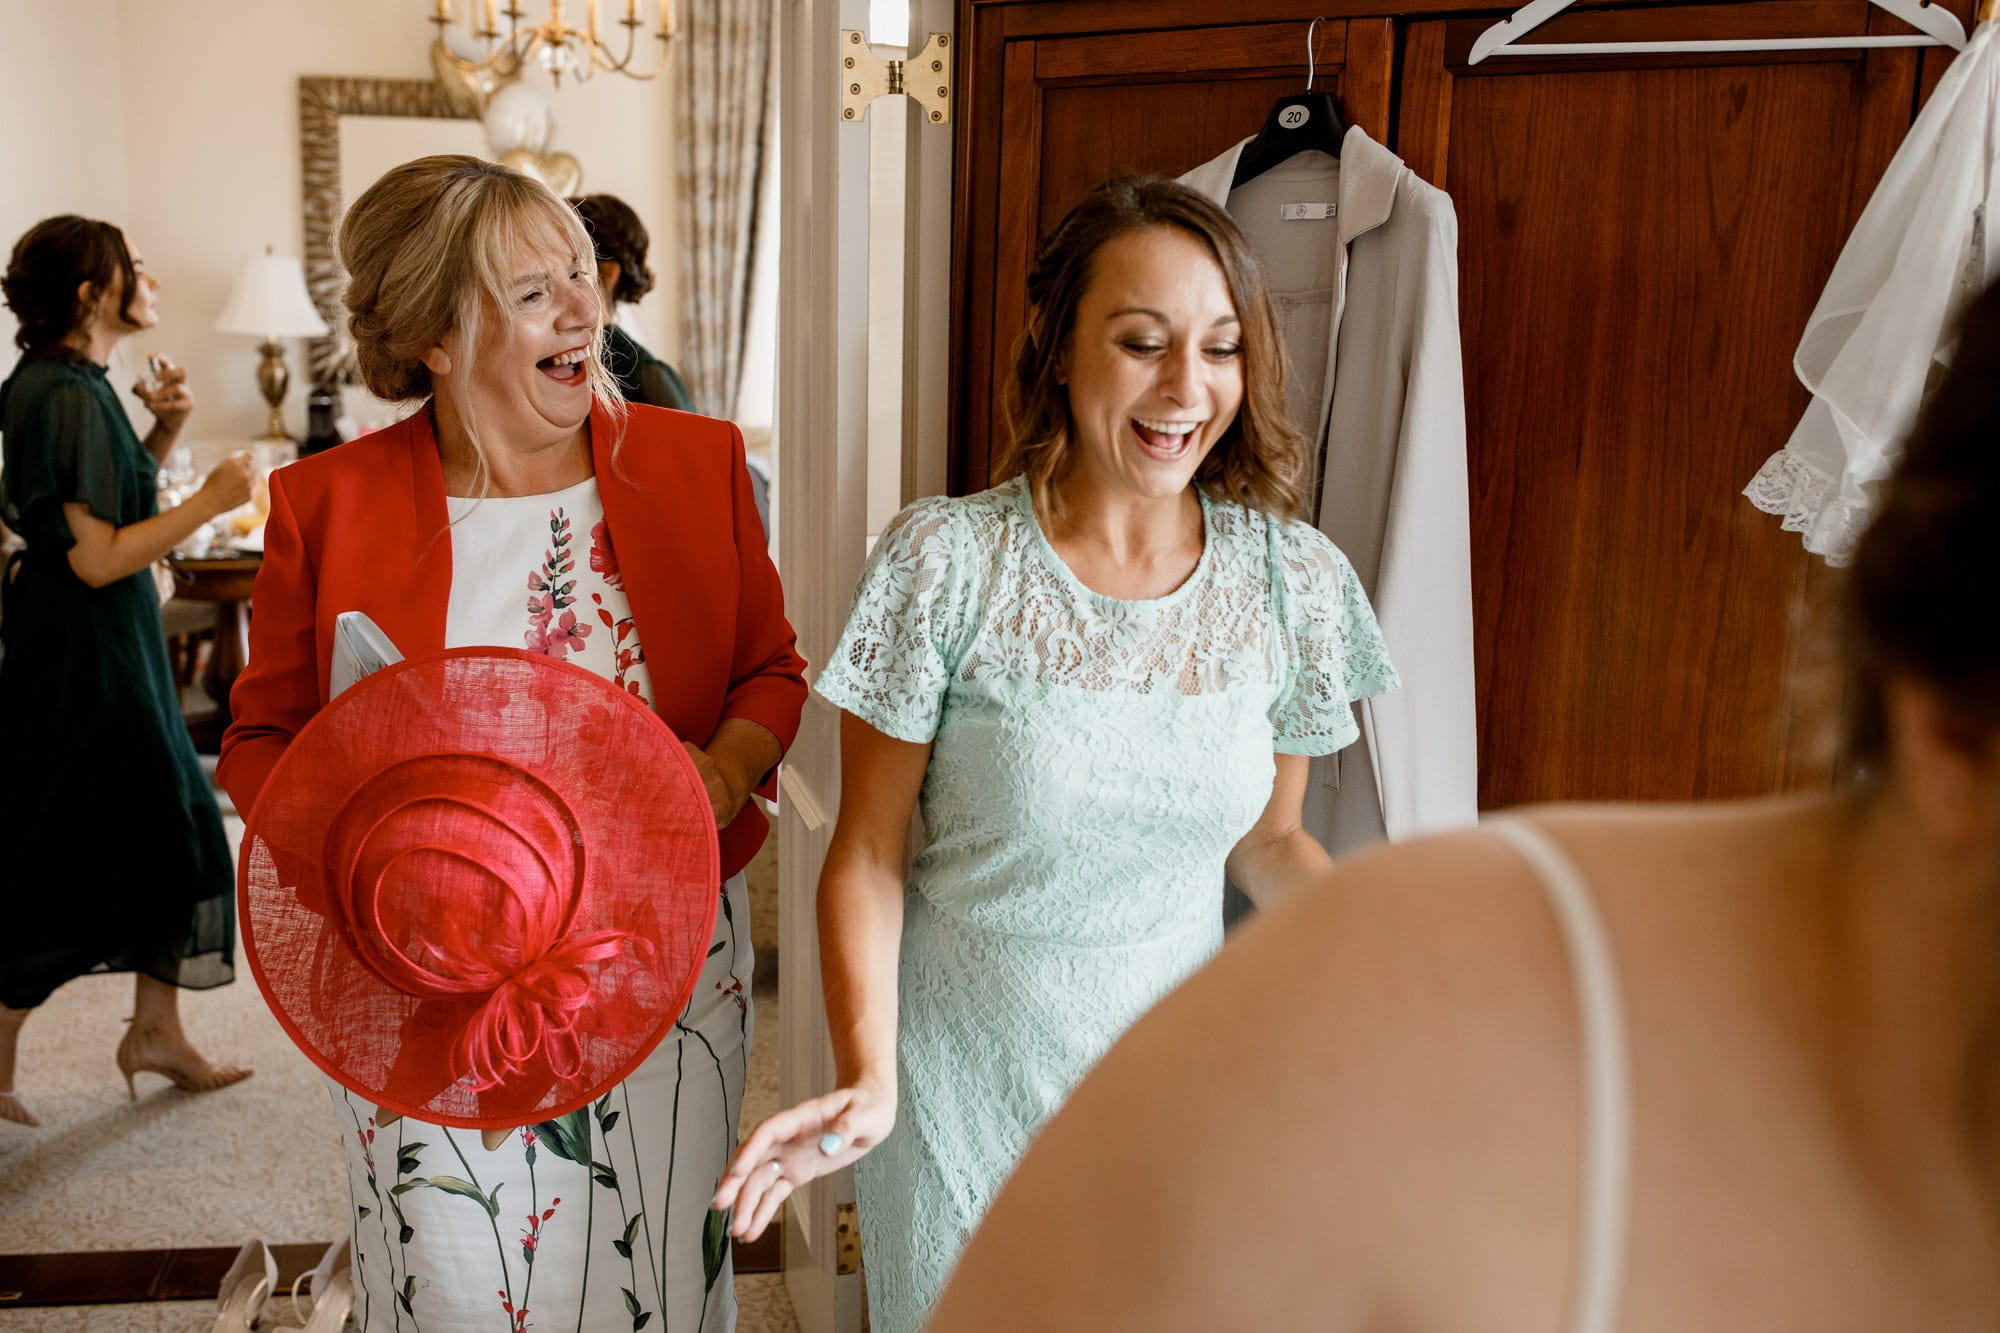 laughing during bridal preparation